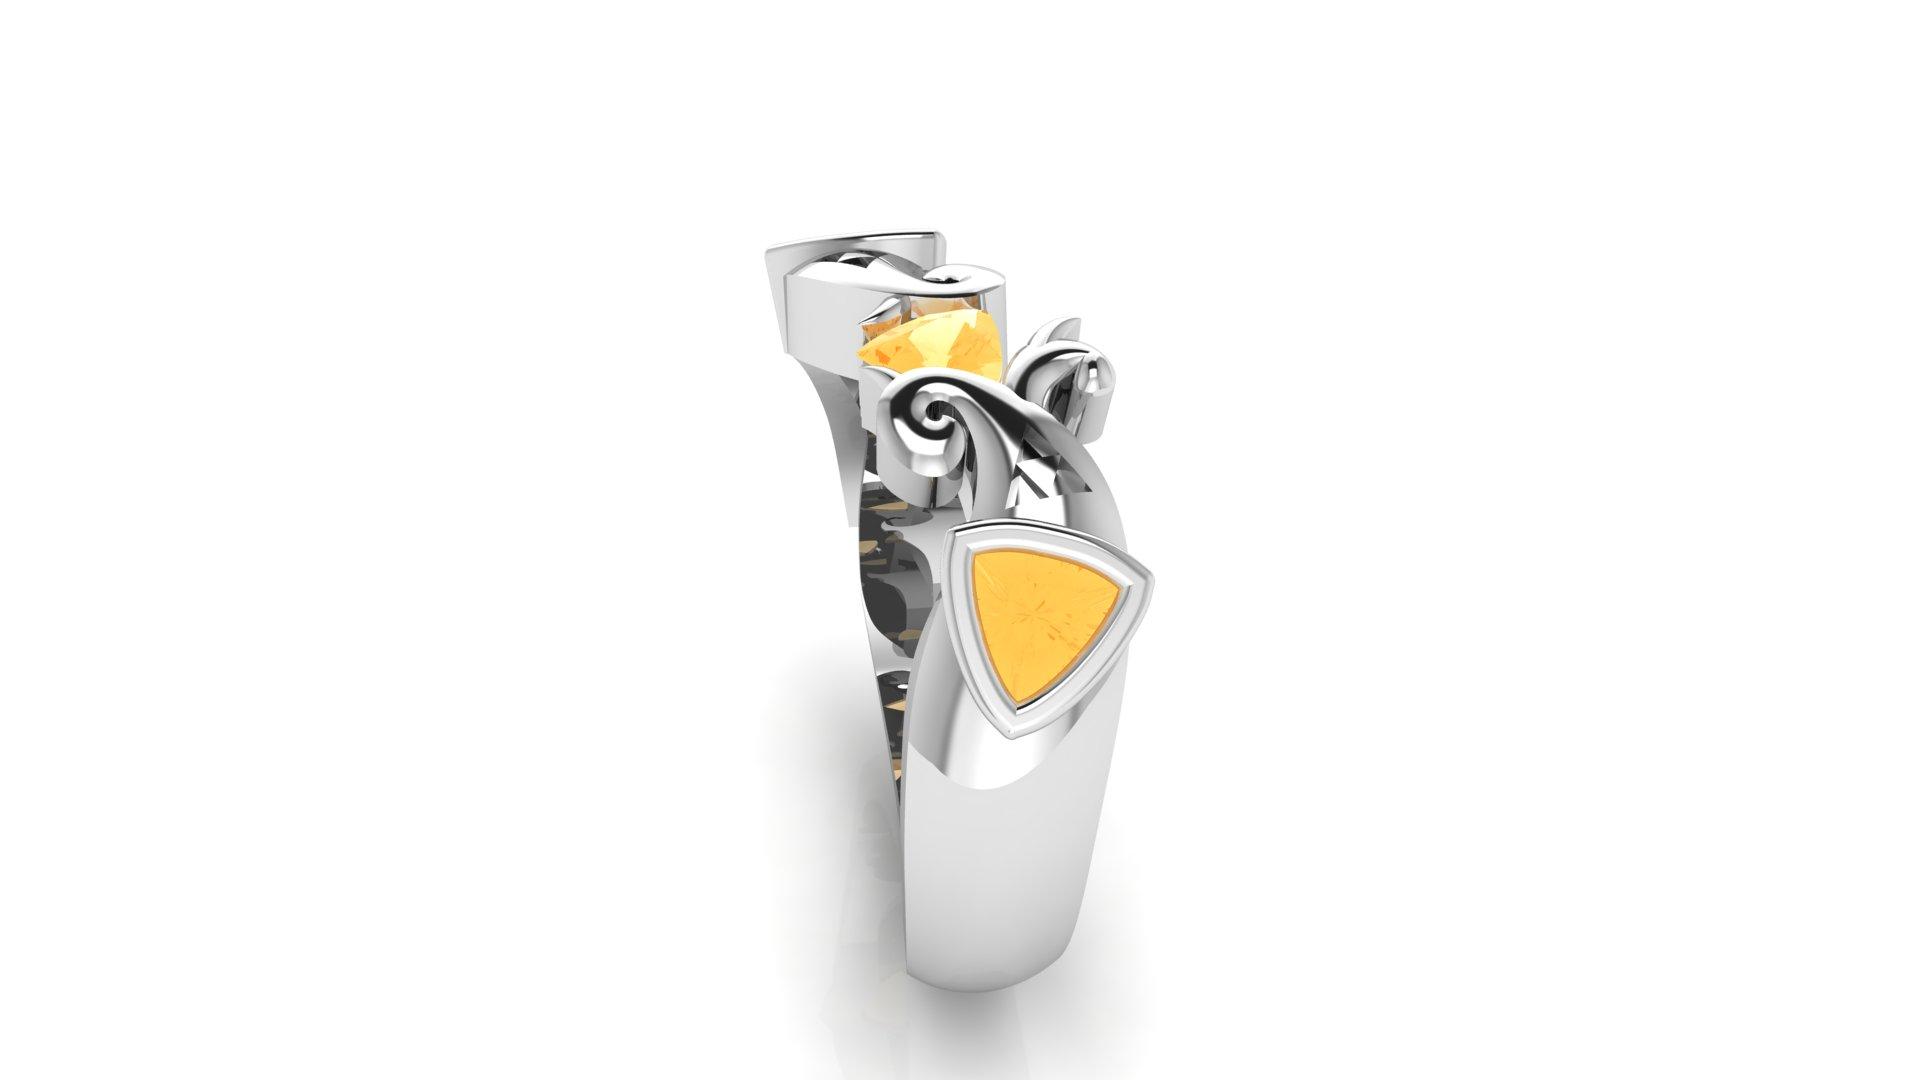 Zelda Engagement Ring Geek Engagement Rings Valeria Fj Dallas